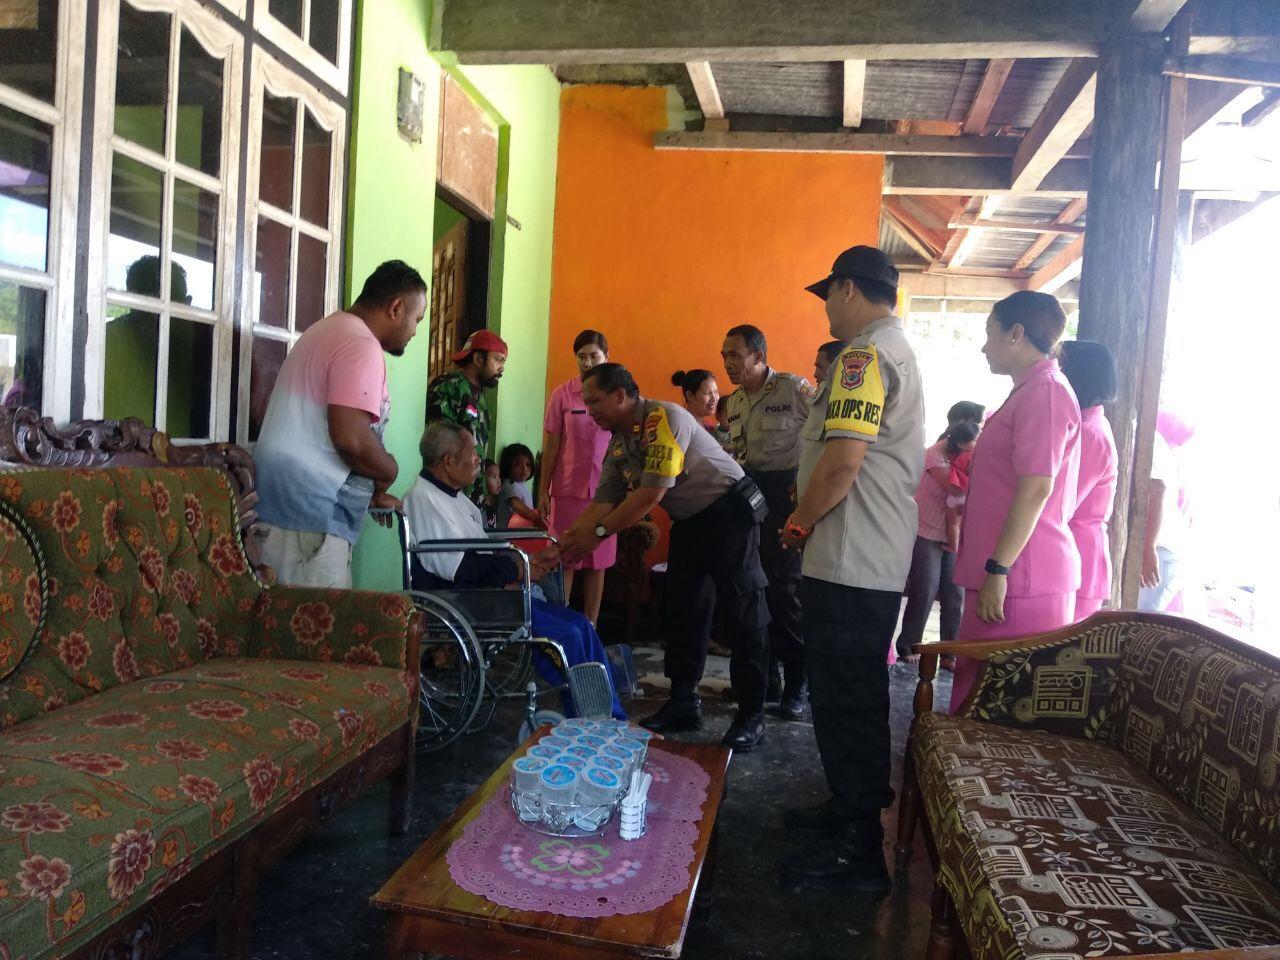 Peringati Hari Bhayangkara ke 73, Waka Polres & Istri Anjangsana ke Panti Asuhan & Purnawirawan